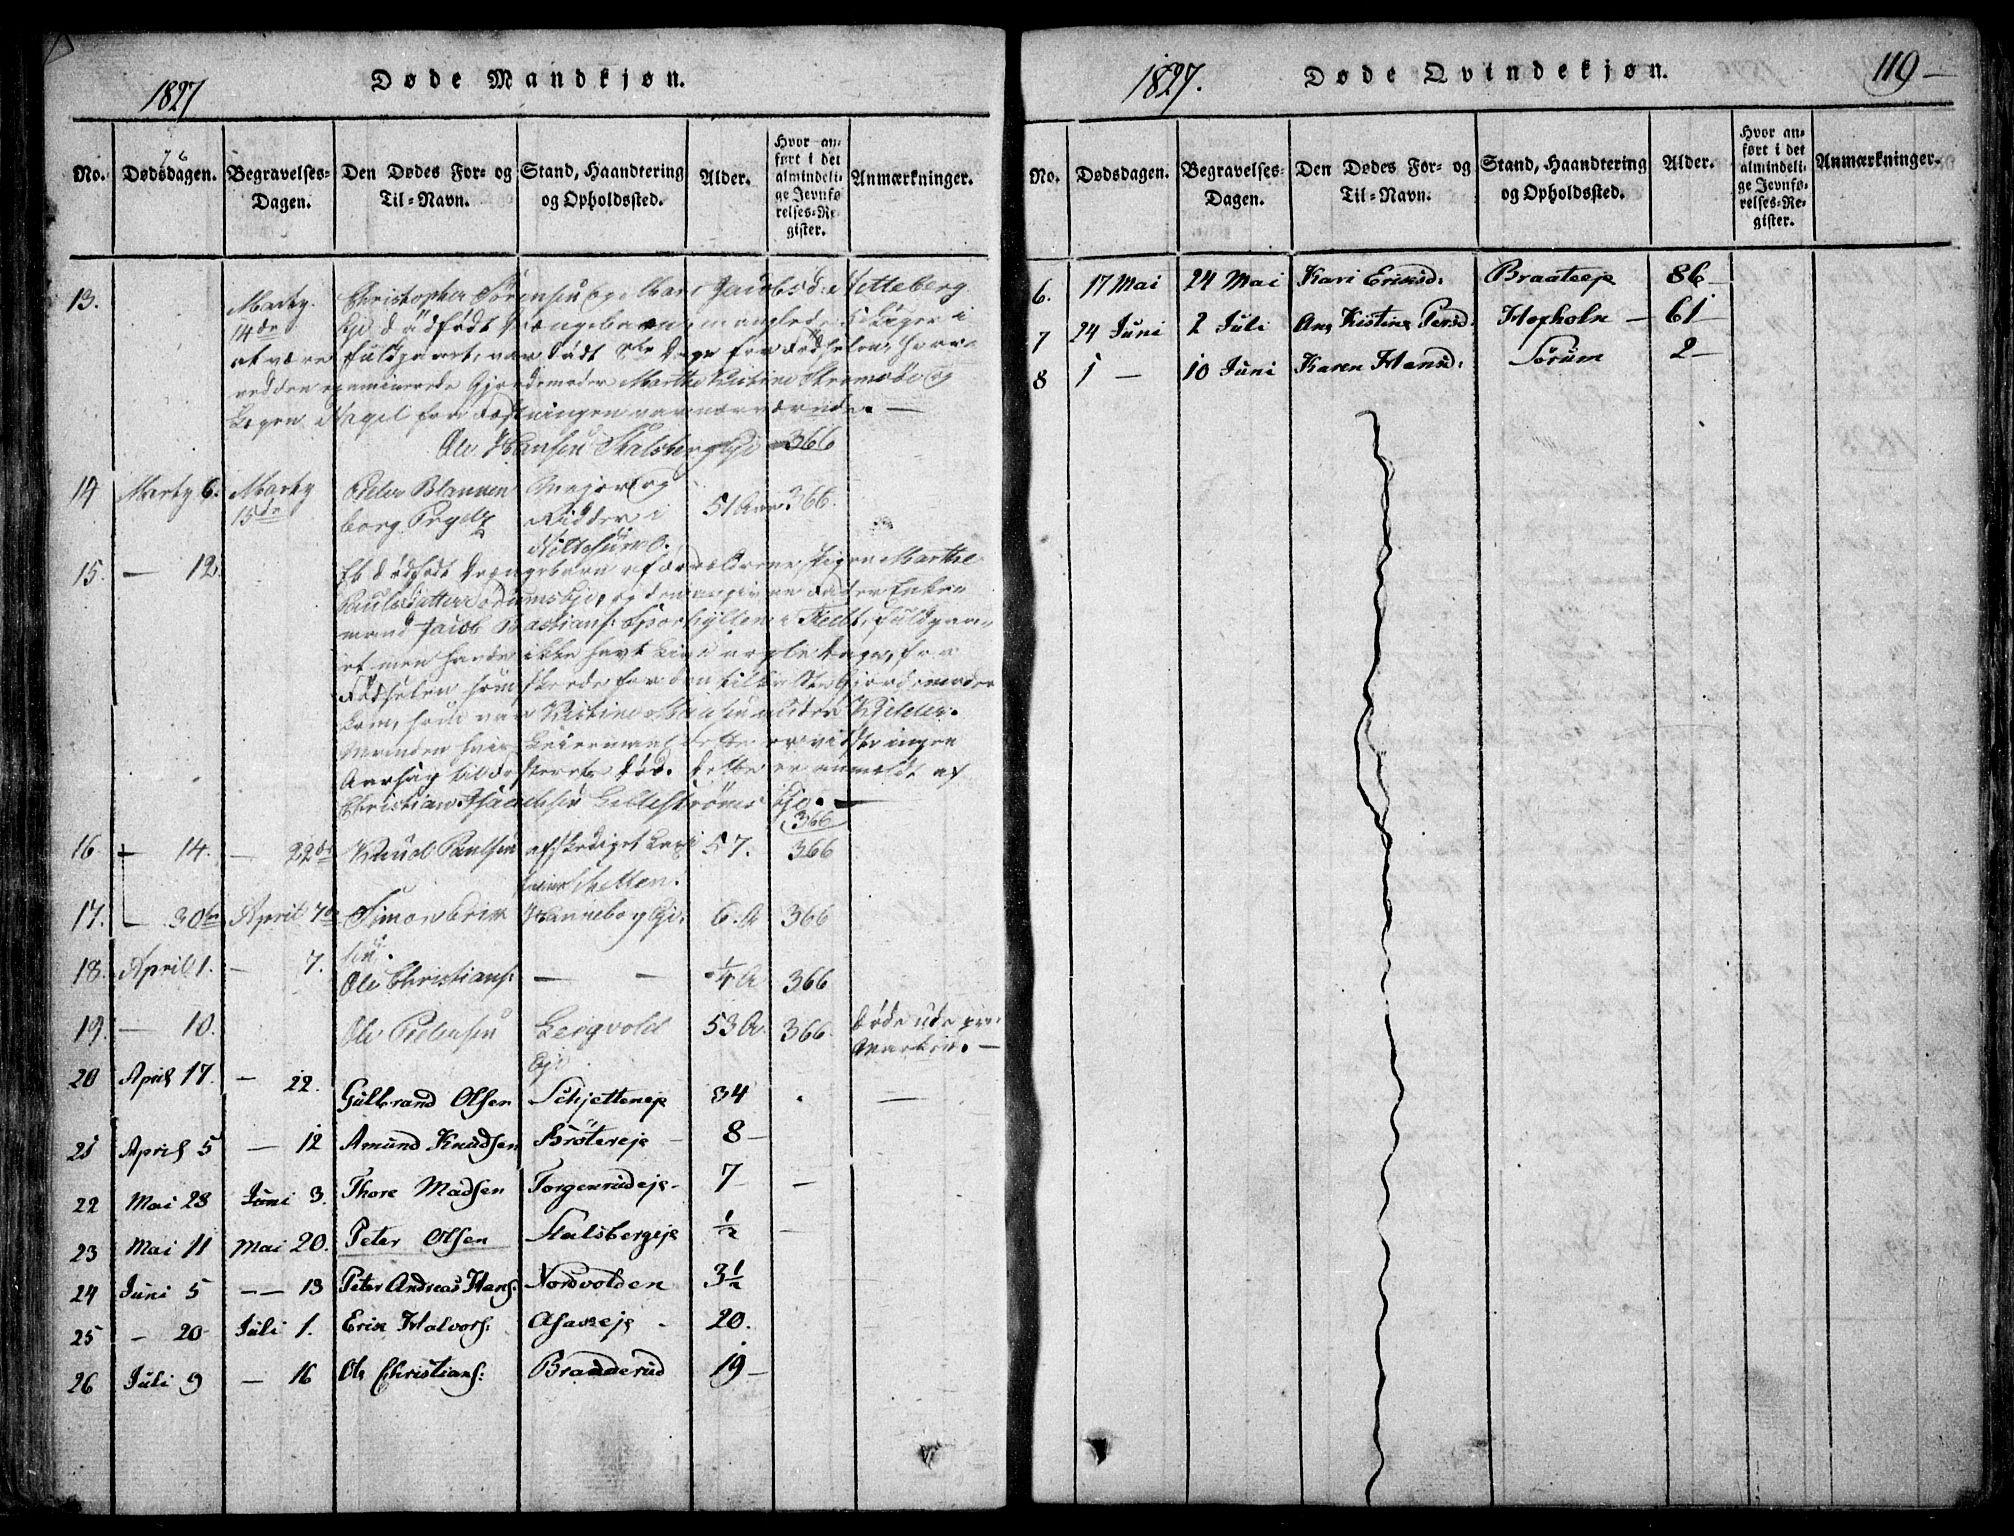 SAO, Skedsmo prestekontor Kirkebøker, F/Fa/L0008: Ministerialbok nr. I 8, 1815-1829, s. 119